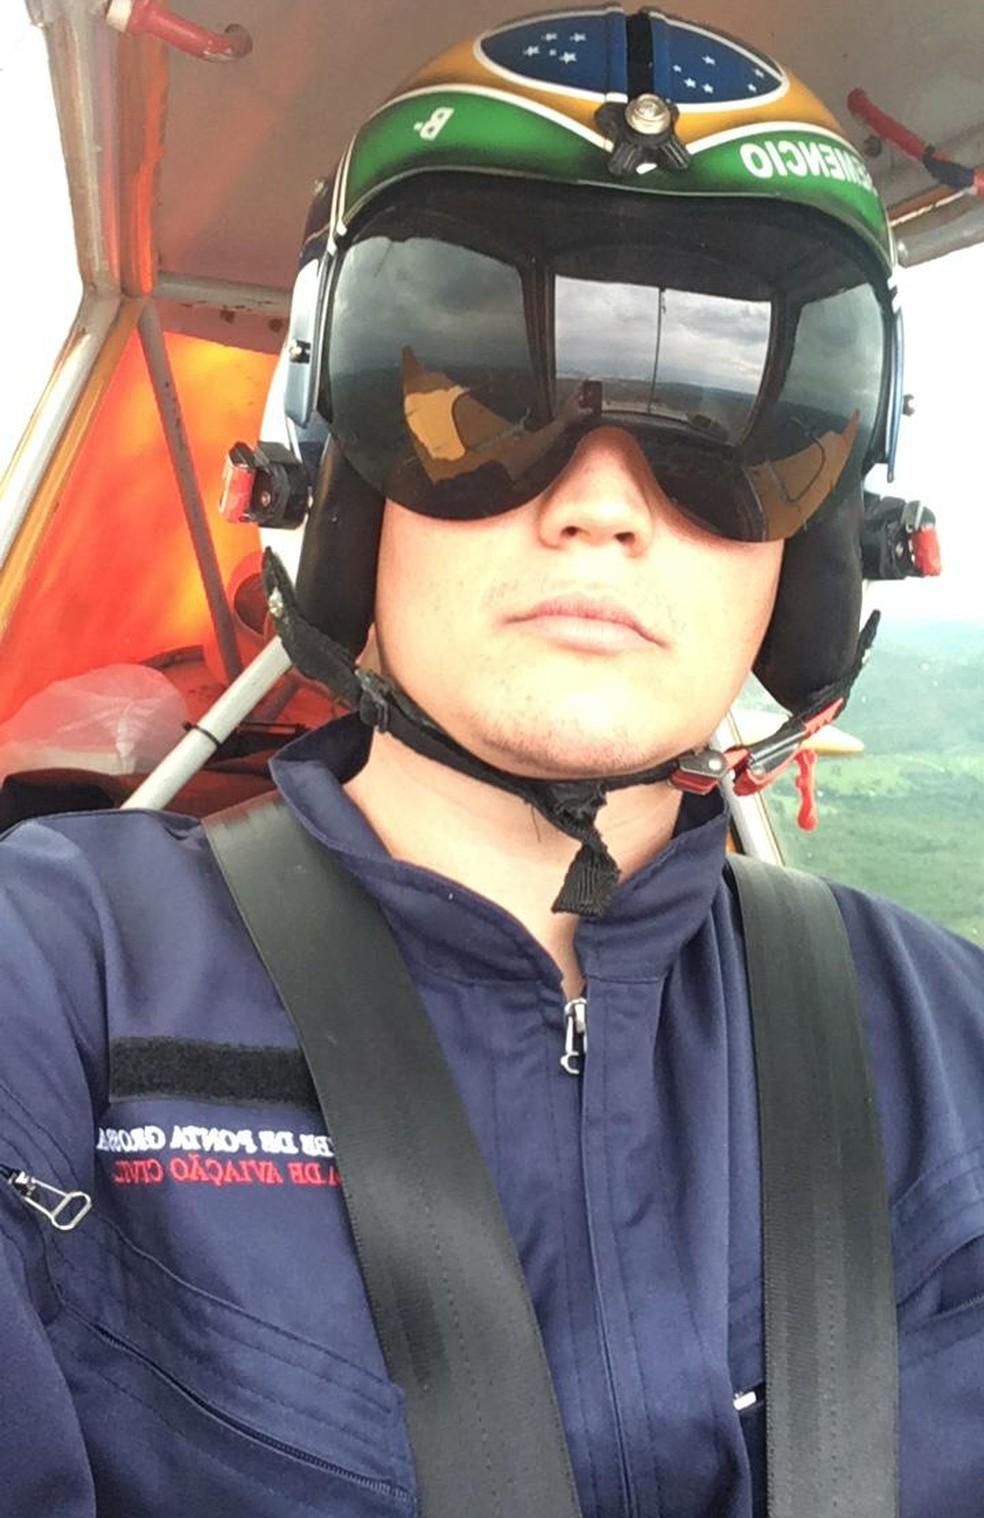 Última foto que o piloto Maicon Semencio Esteves mandou para a família antes do acidente - Foto: Arquivo pessoal